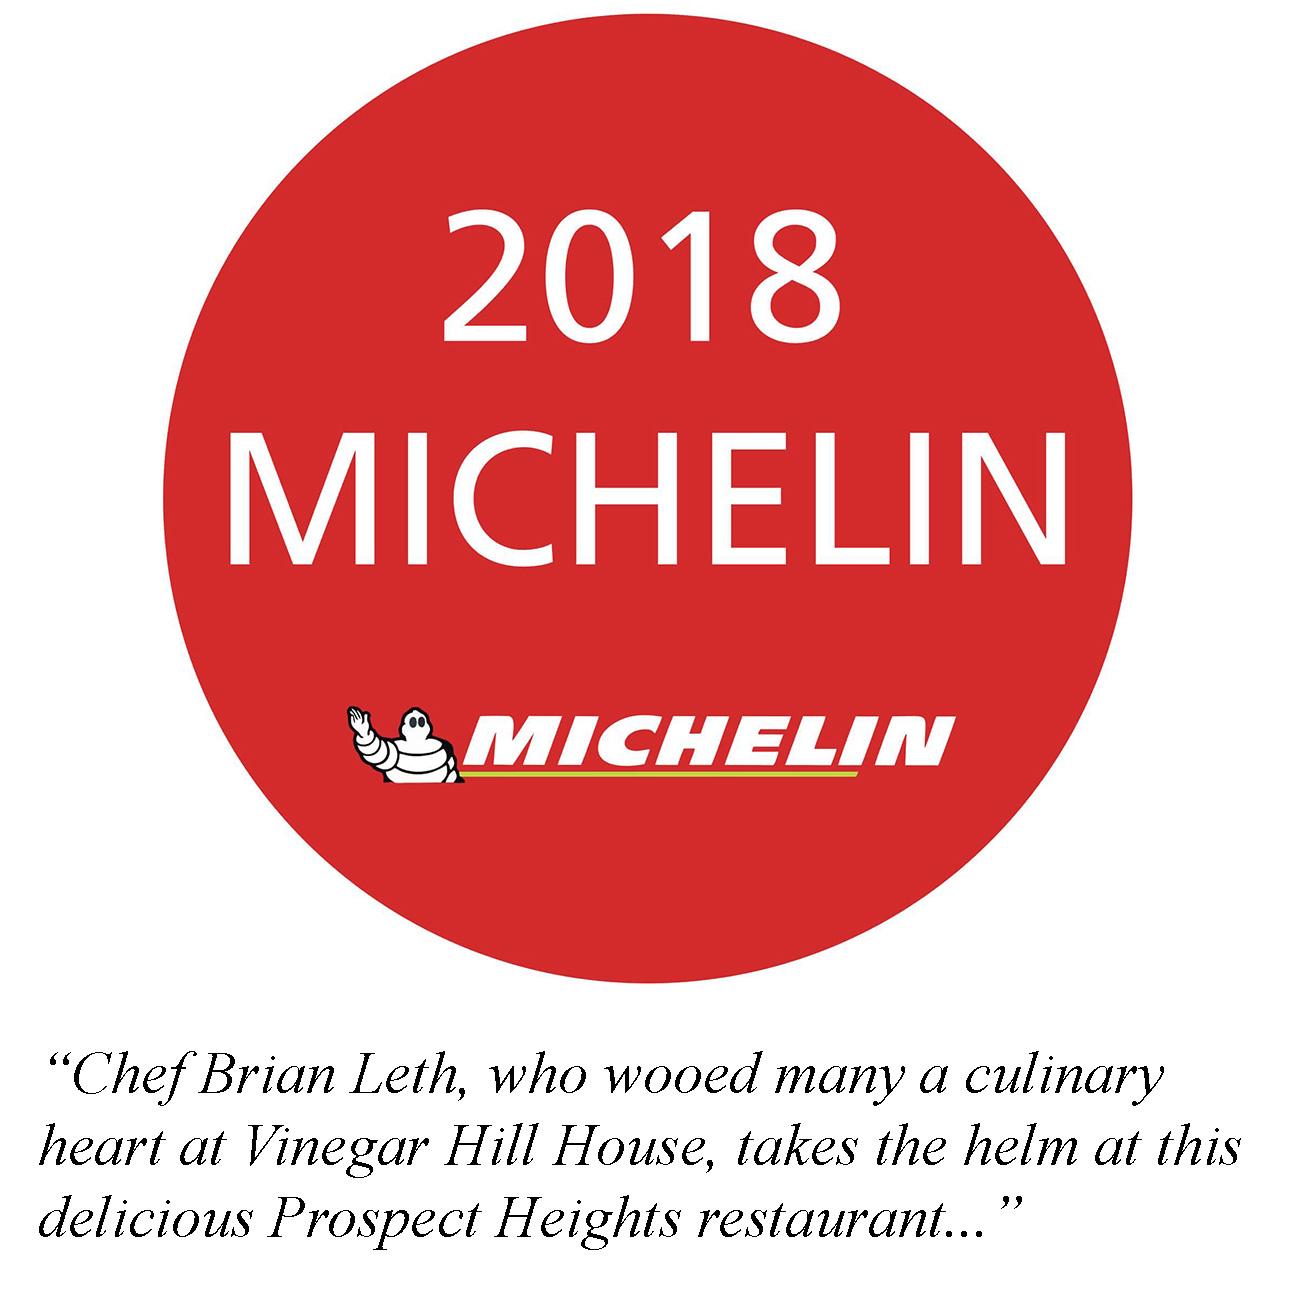 michelin-2018